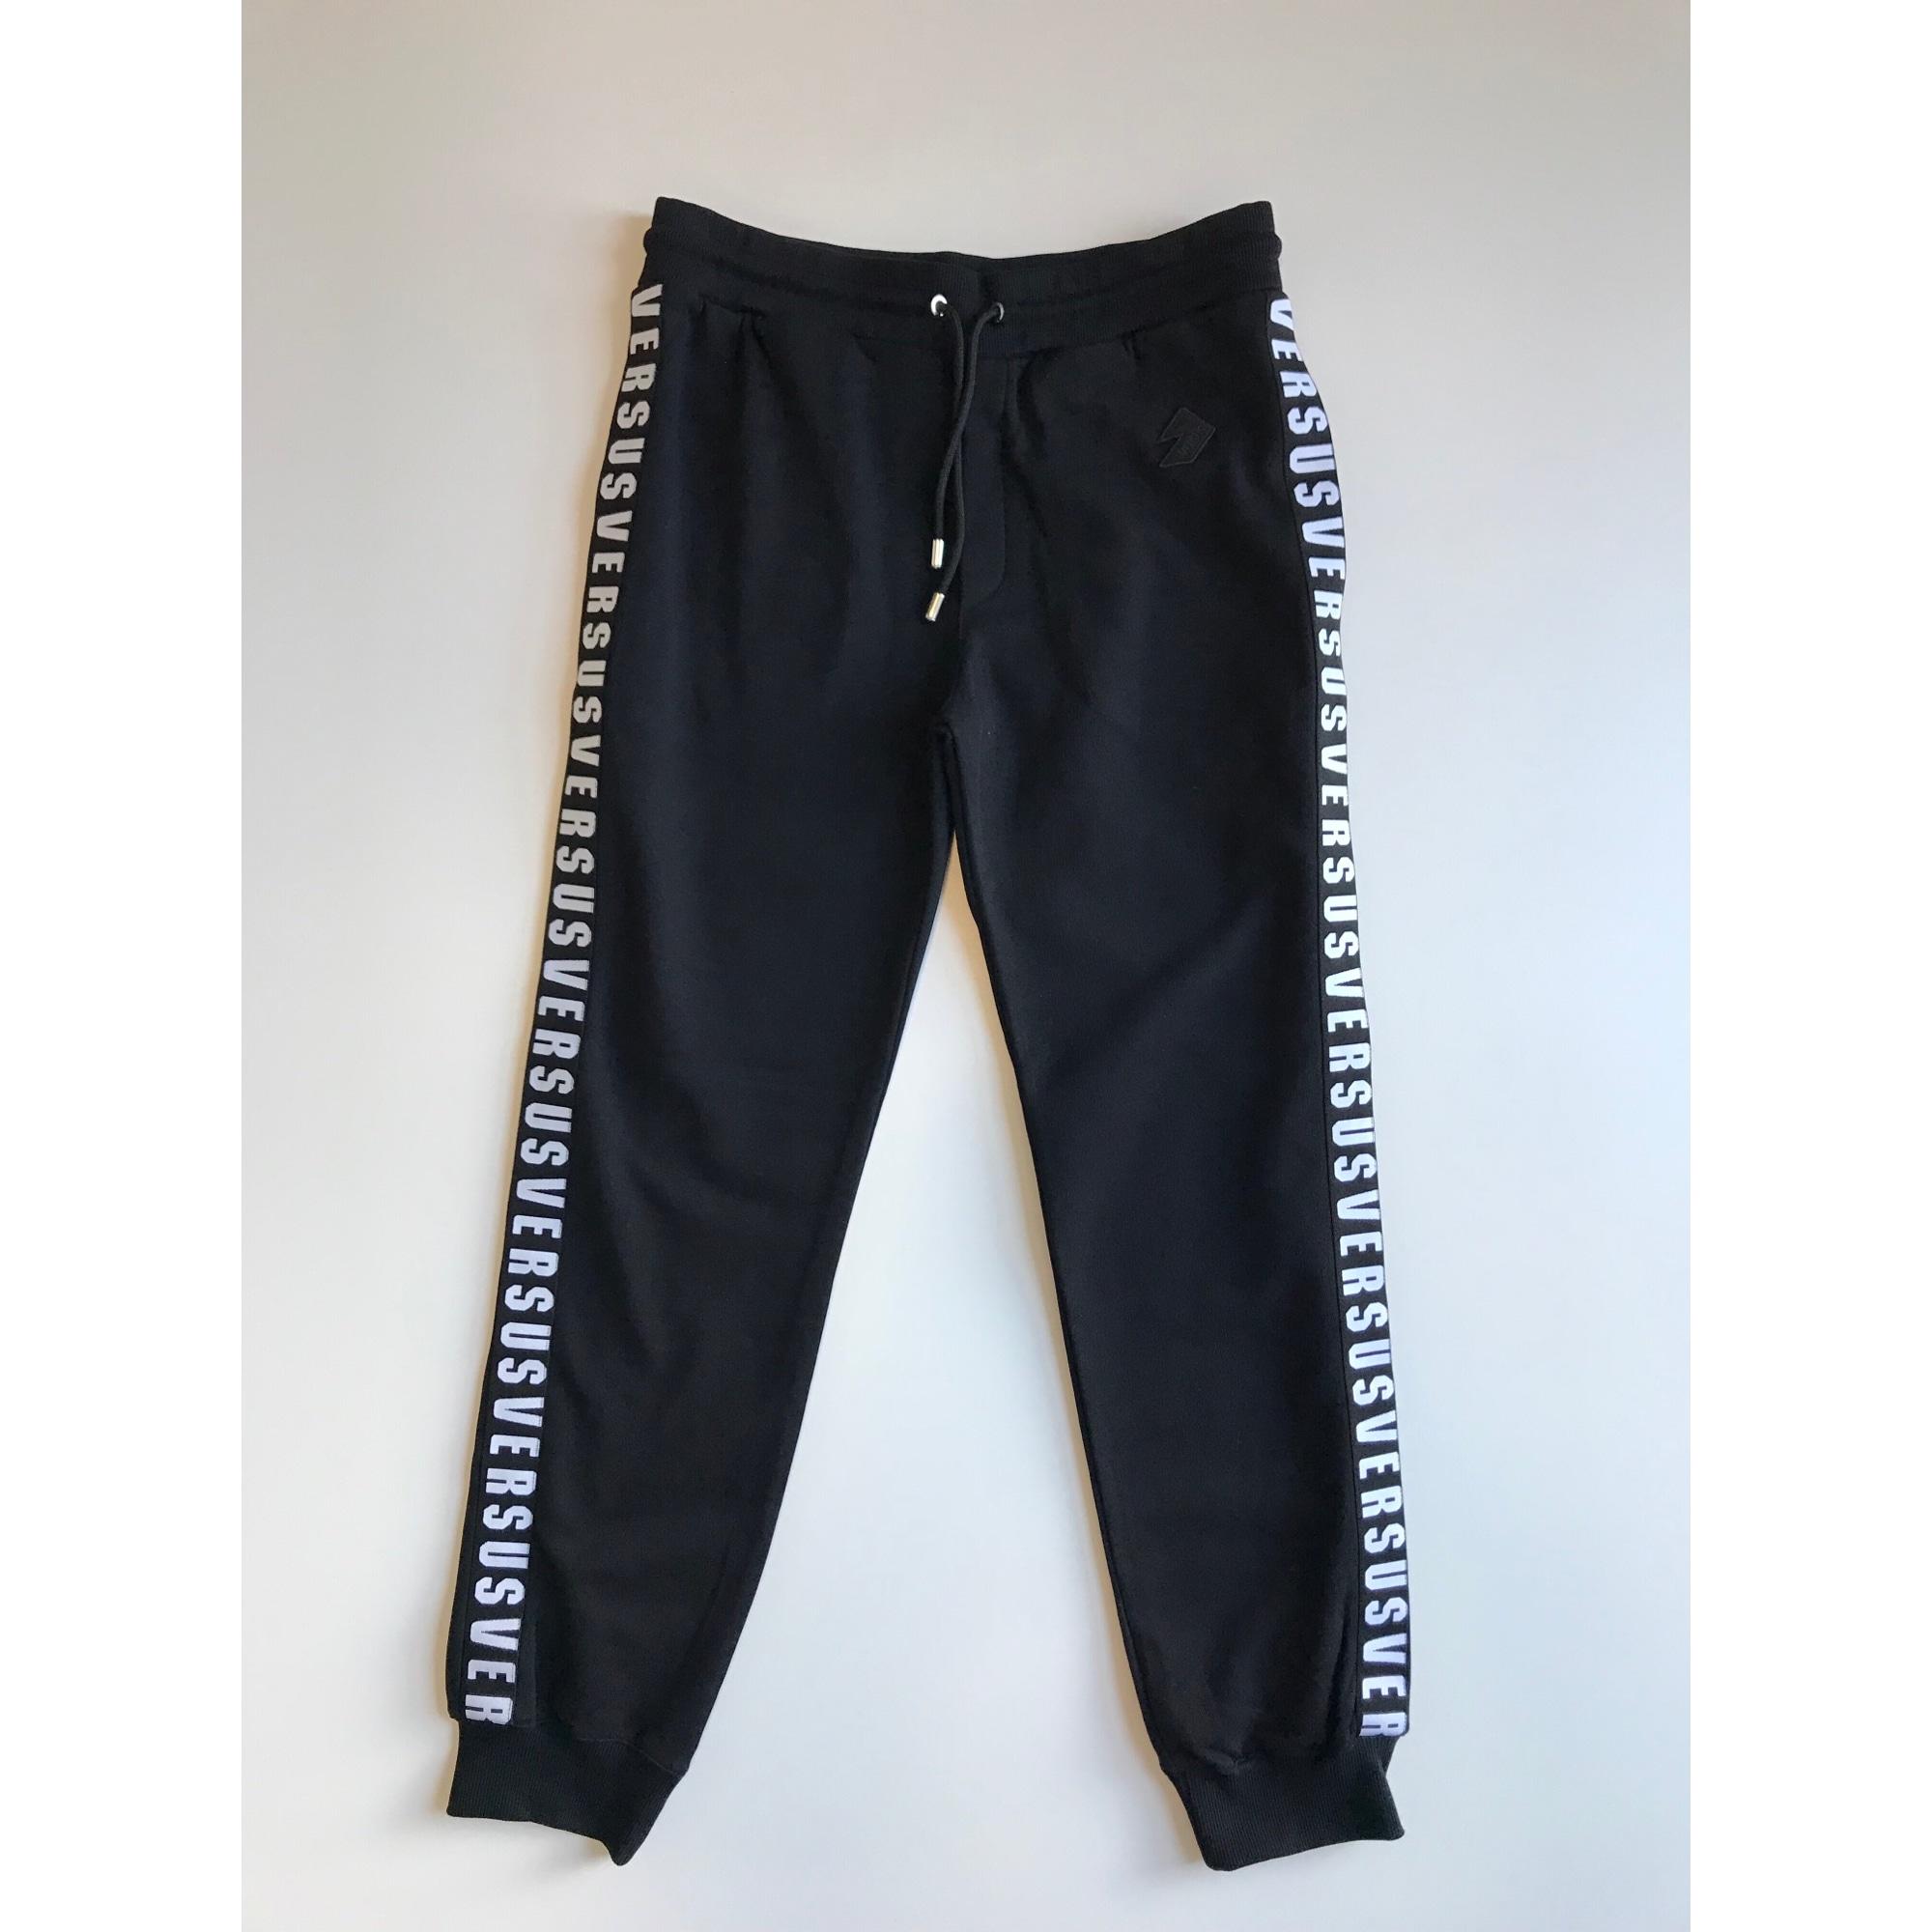 Pantalon de survêtement VERSUS VERSACE 48 (M) noir - 7289660 51cfc5e42ef